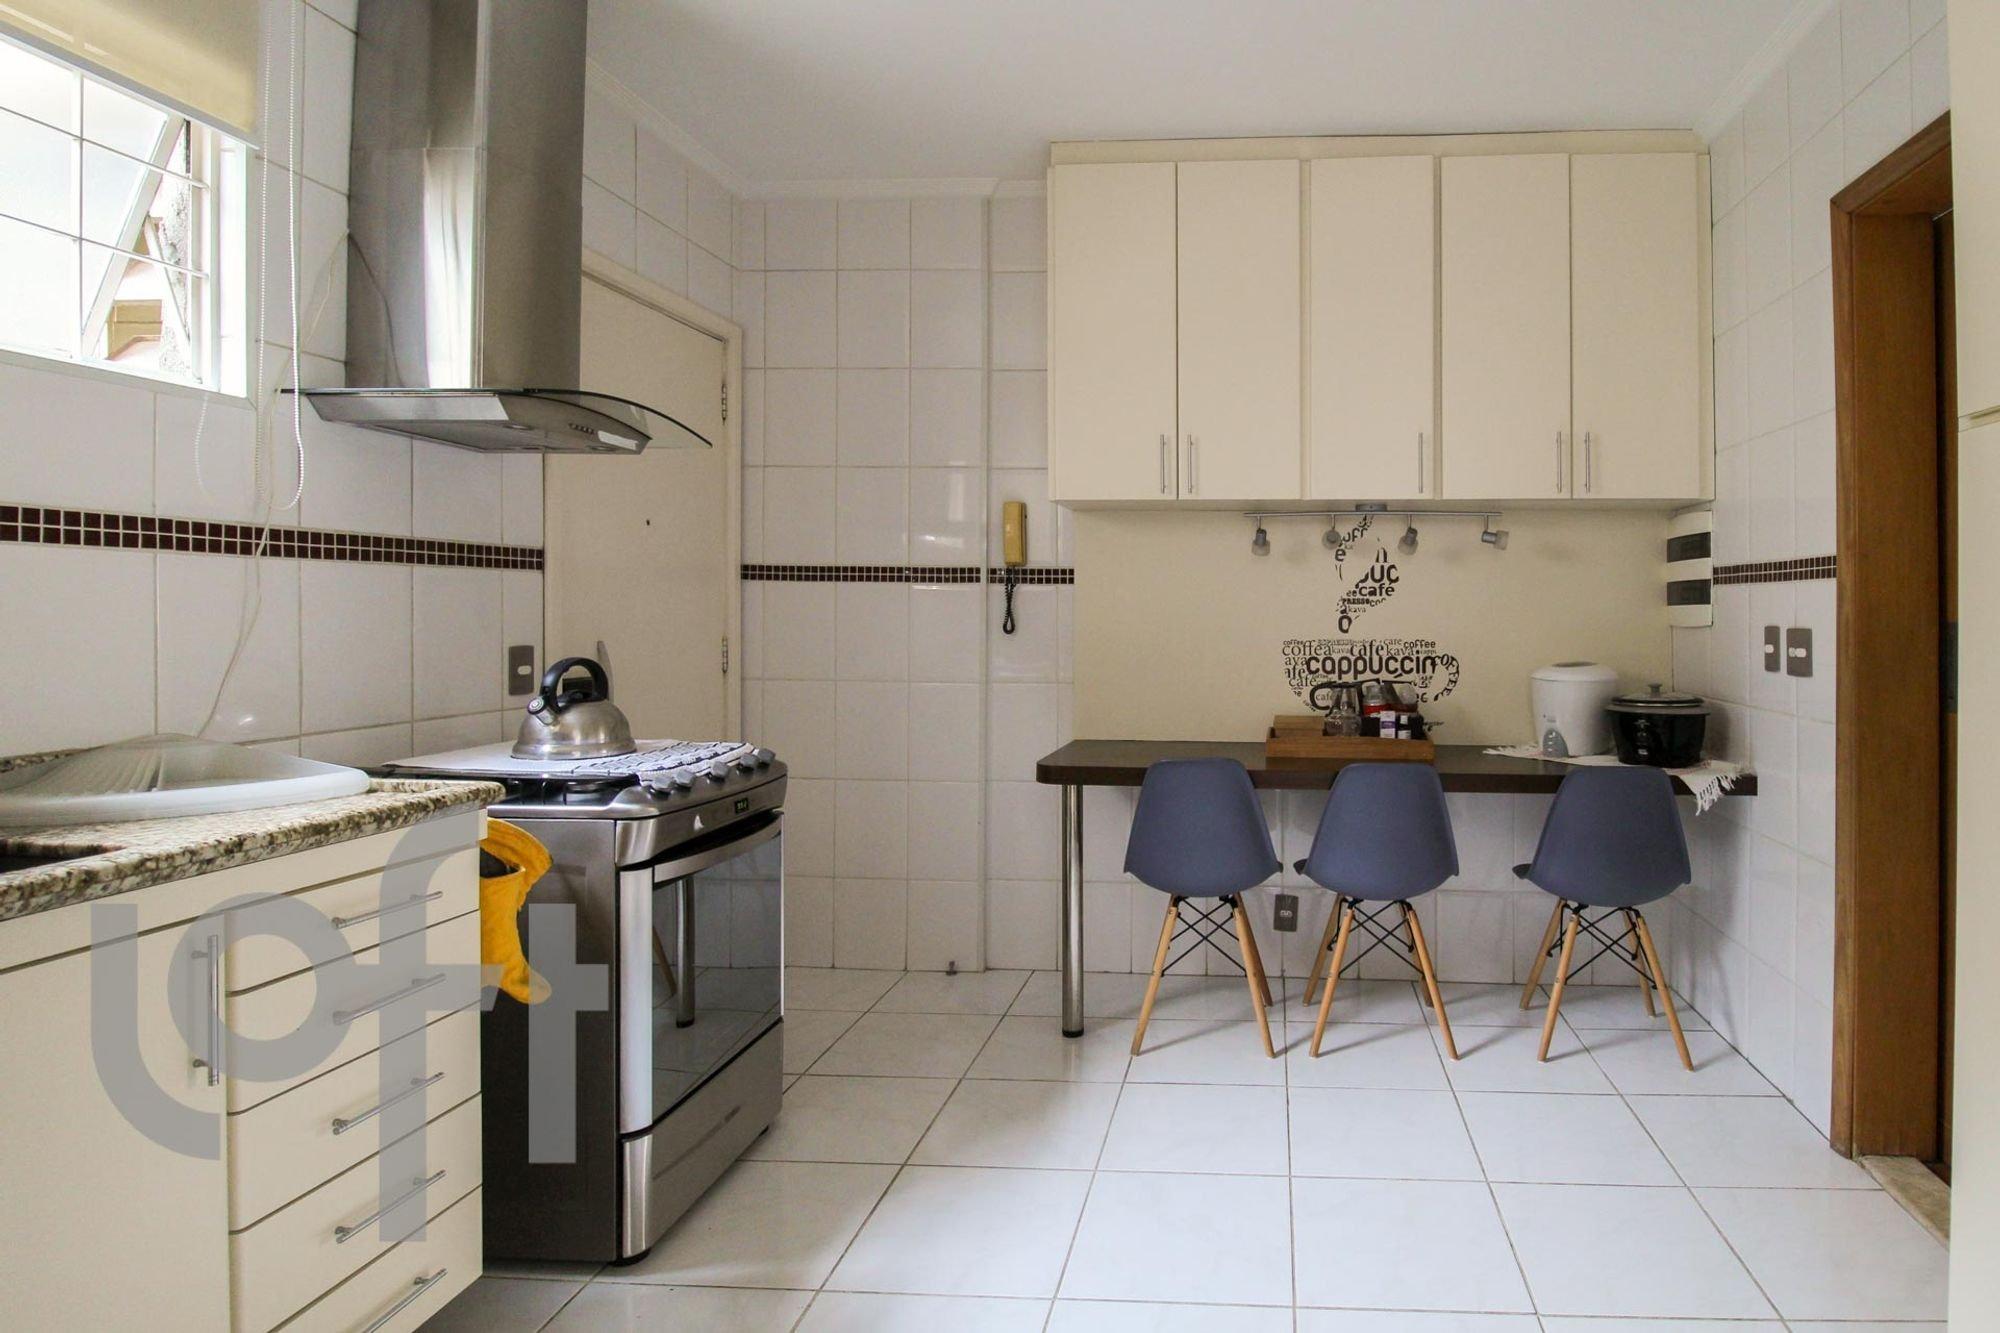 Foto de Cozinha com forno, cadeira, pia